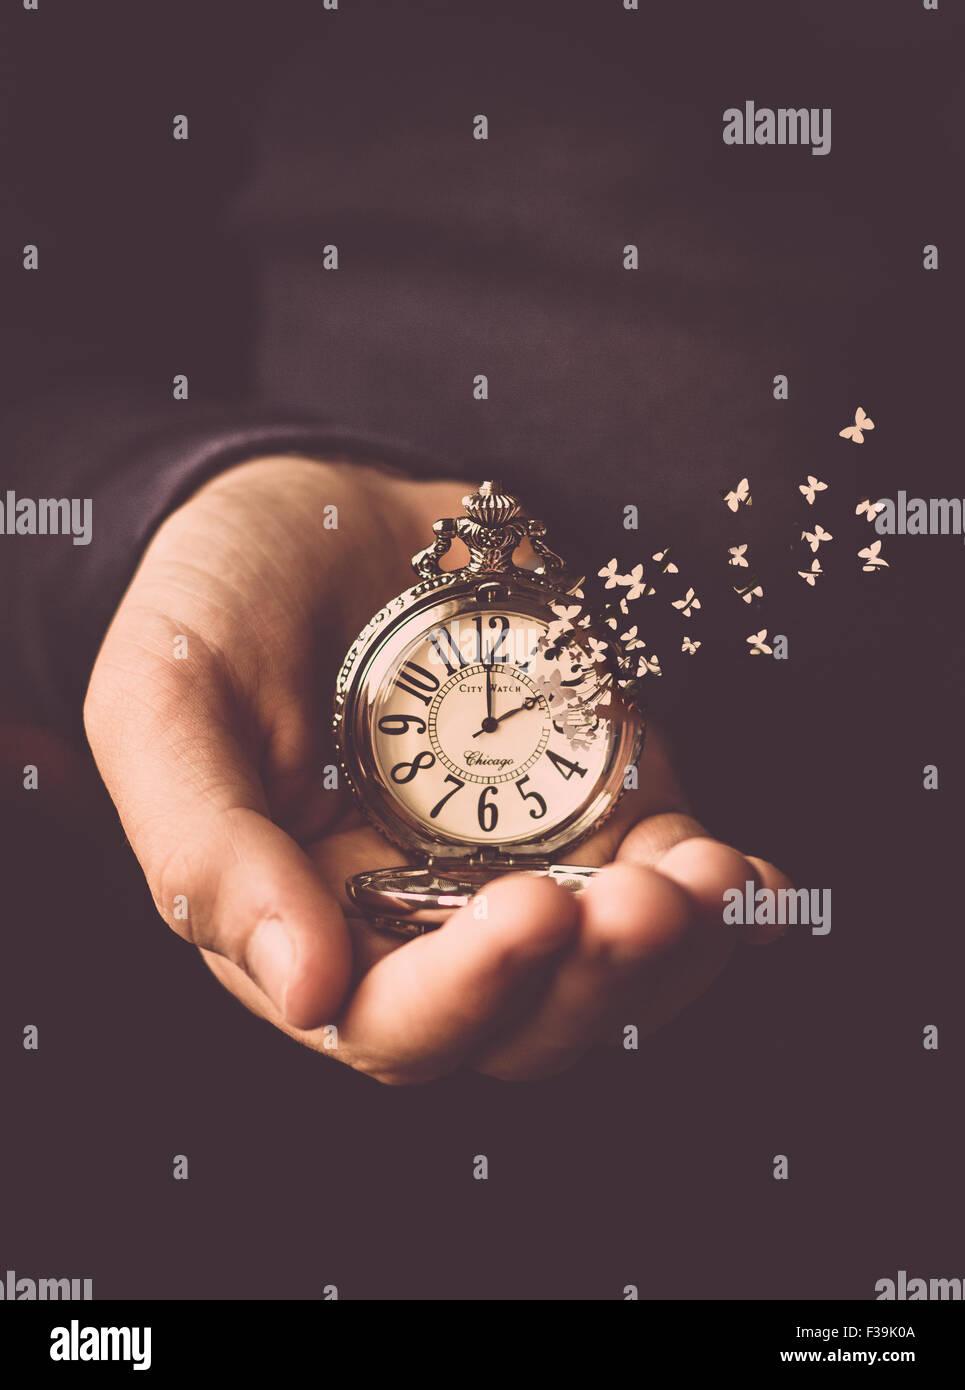 Uomo con un orologio in mano con il tempo battenti fuori orario faccia come le farfalle Immagini Stock